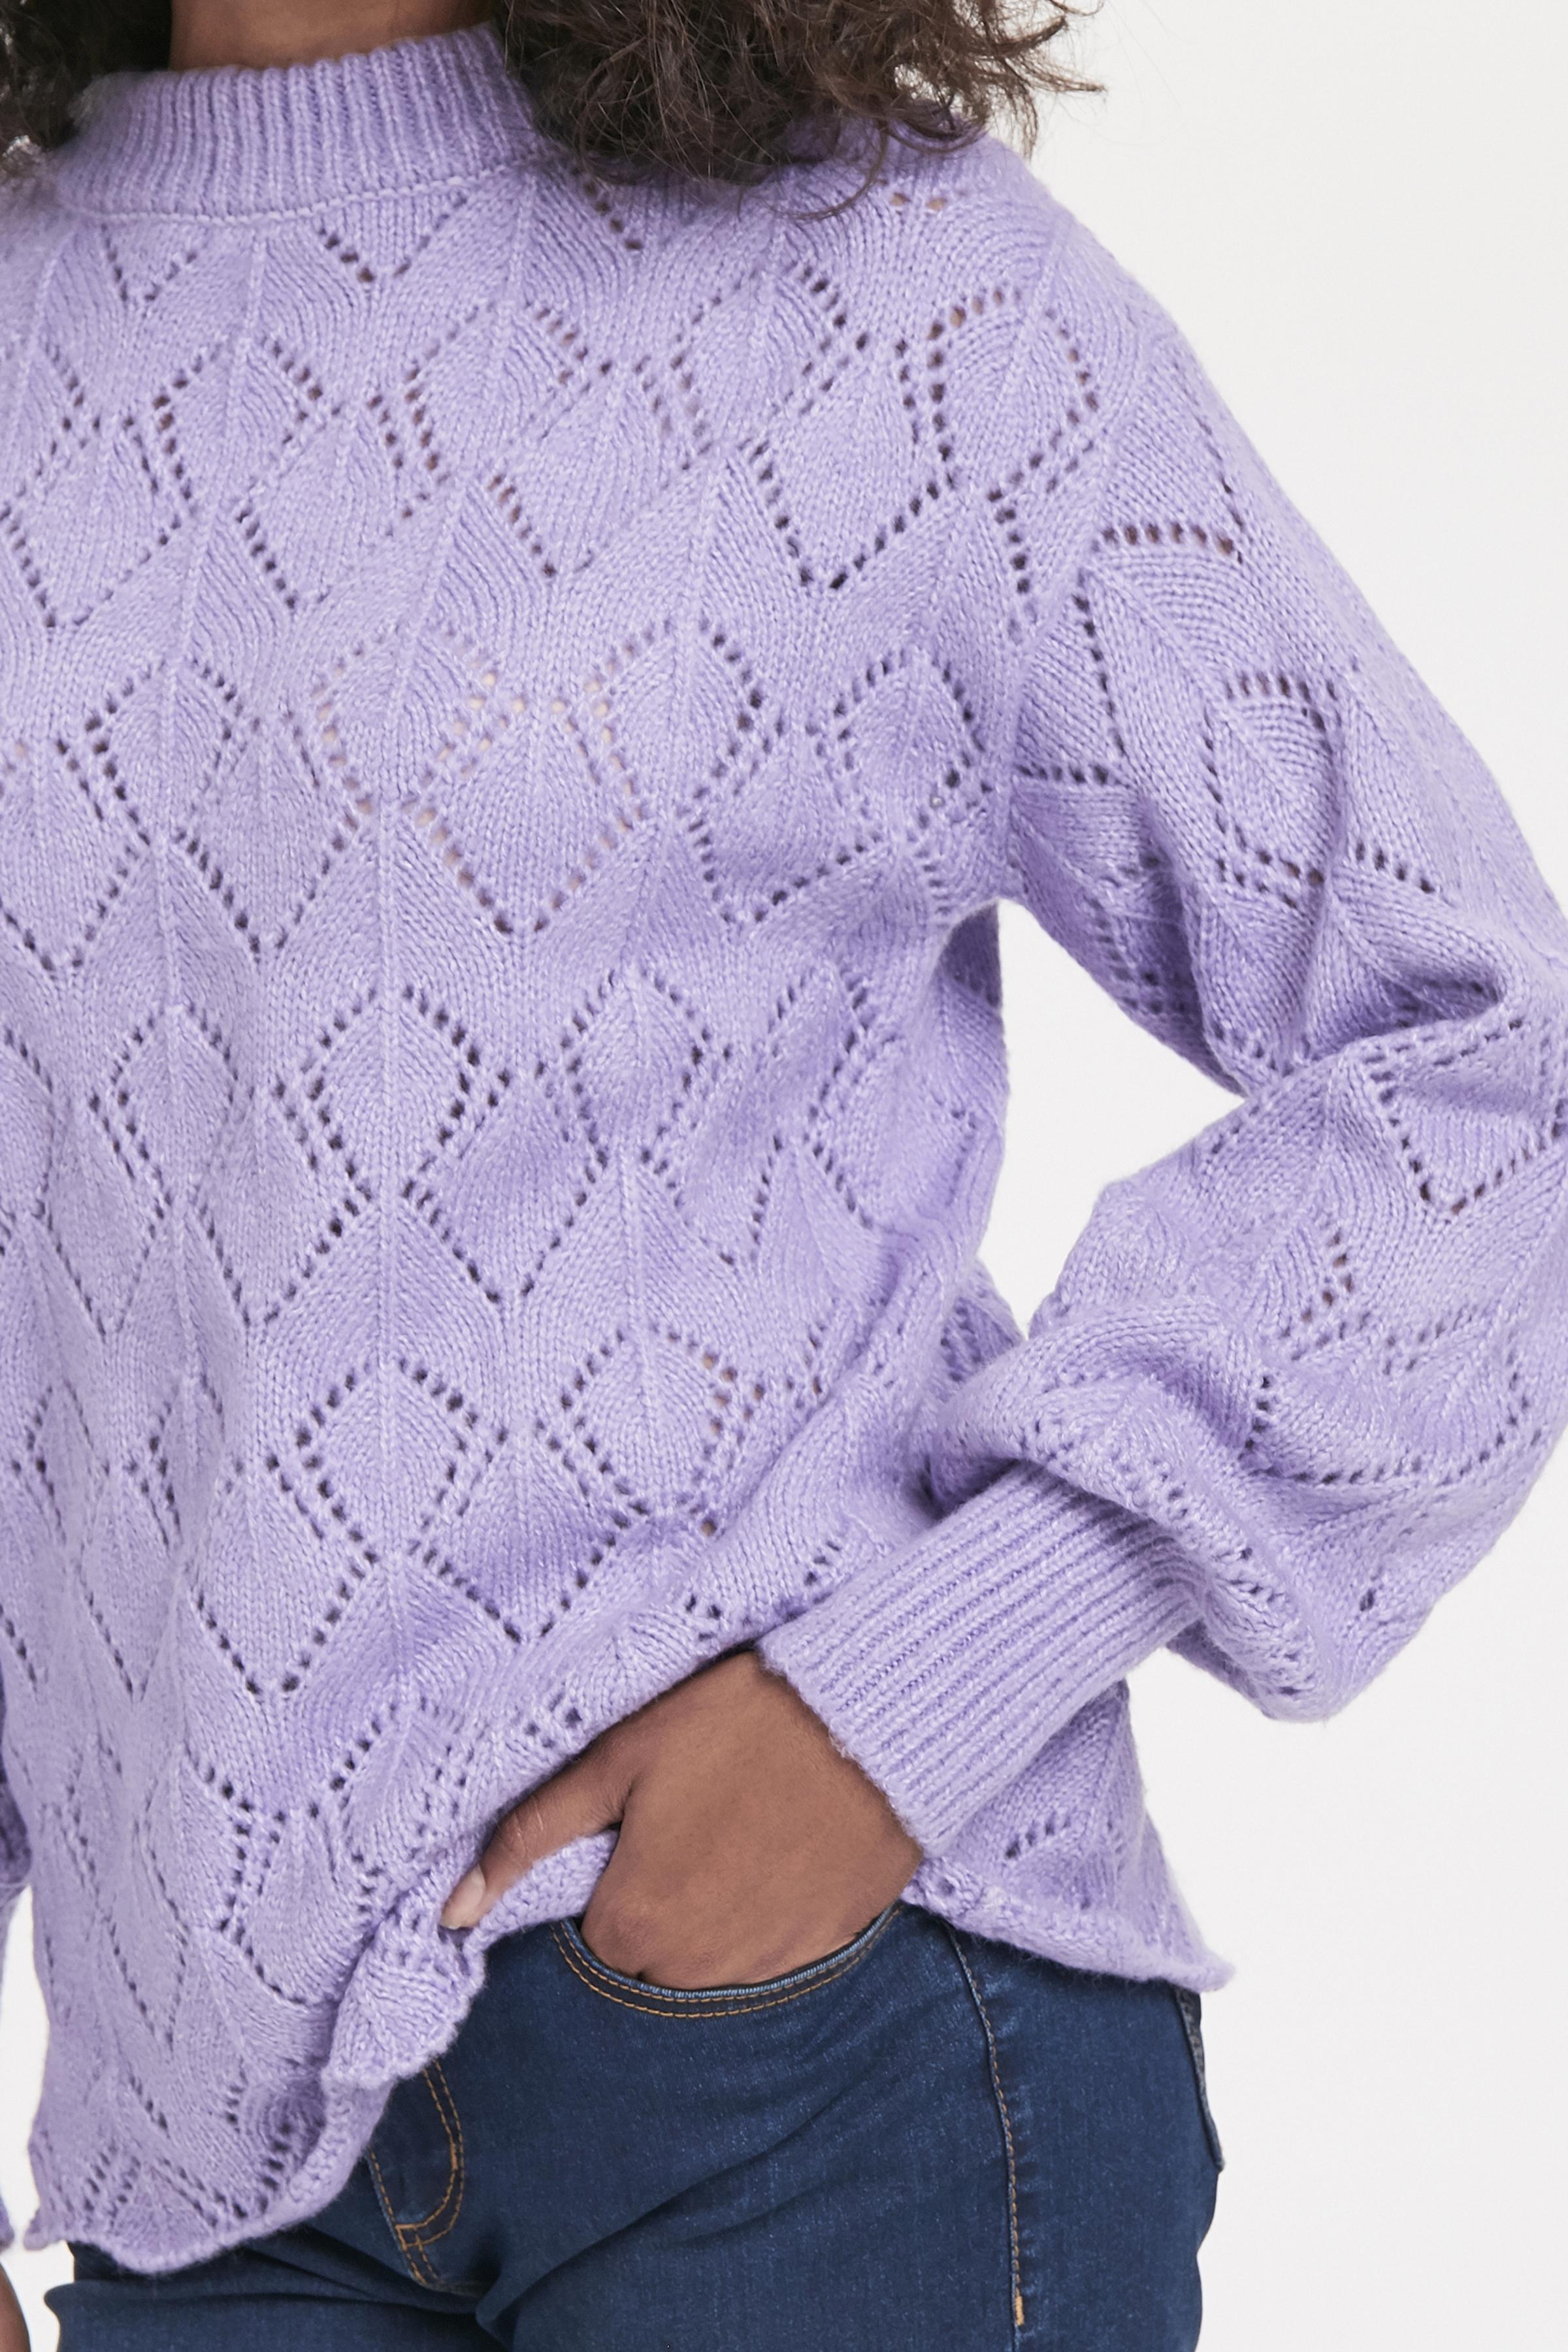 Violet Tulip Mel. Strikket pullover fra b.young - Kjøp Violet Tulip Mel. Strikket pullover fra størrelse XS-XXL her